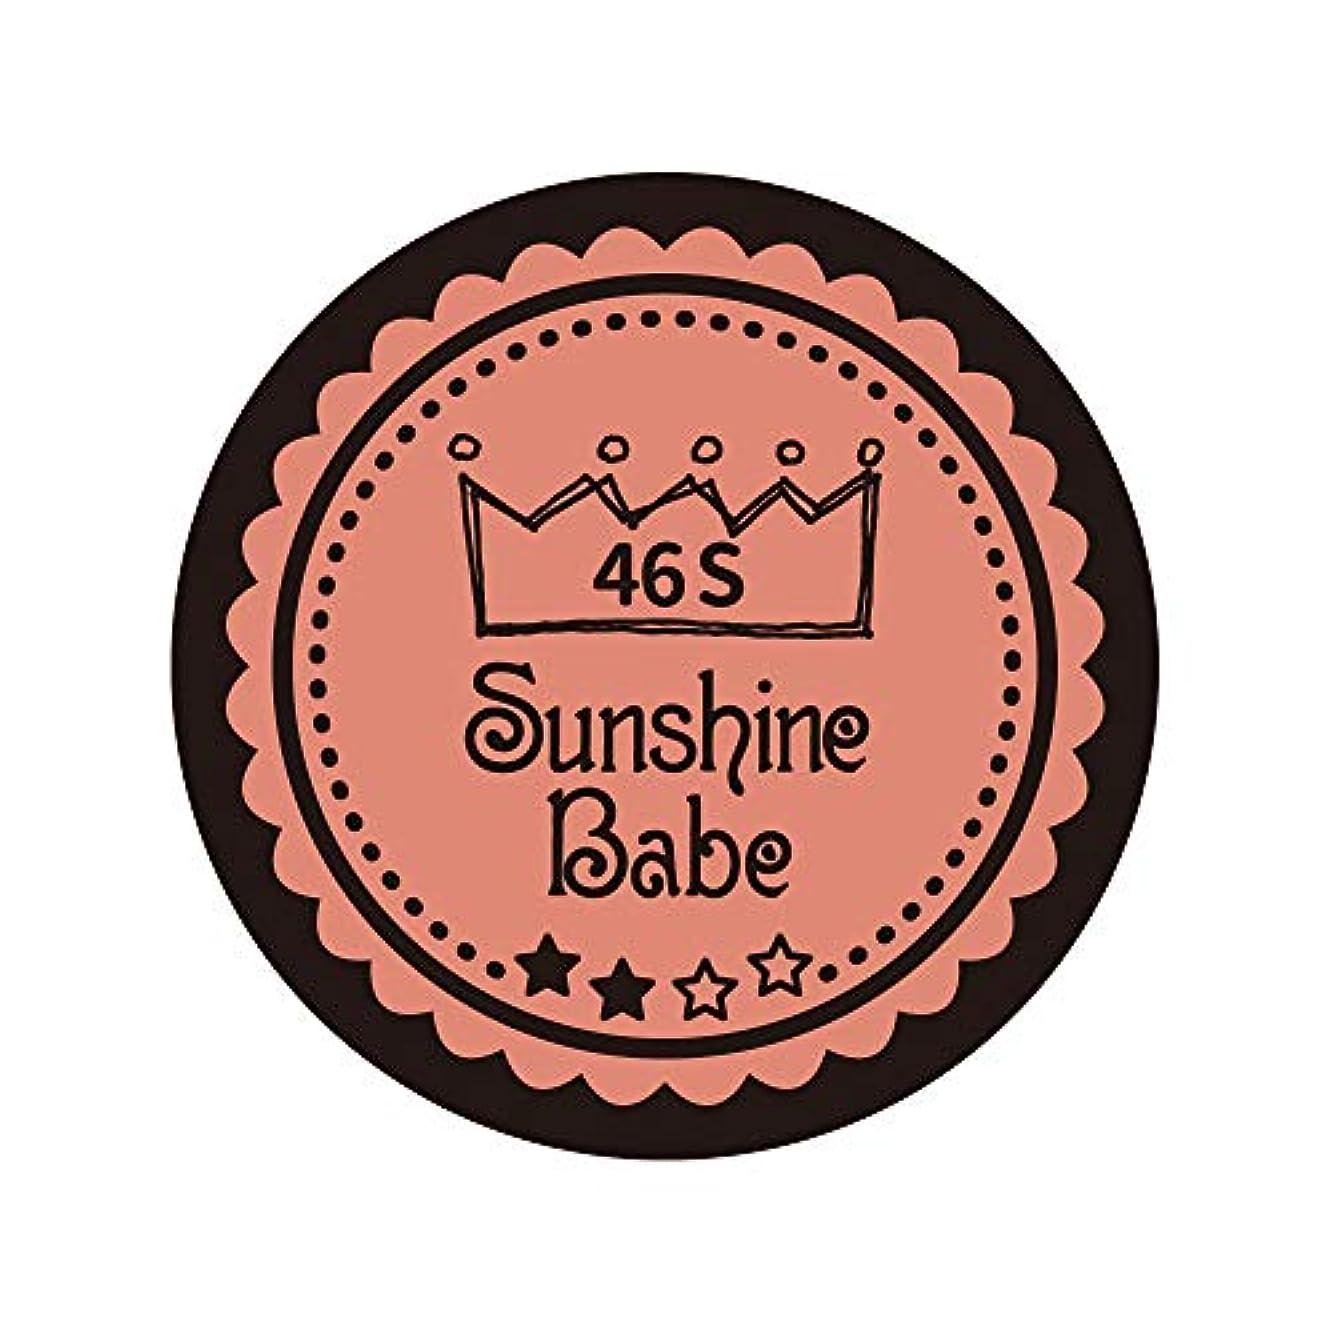 ドライブ助手寄生虫Sunshine Babe カラージェル 46S ピンクベージュ 2.7g UV/LED対応